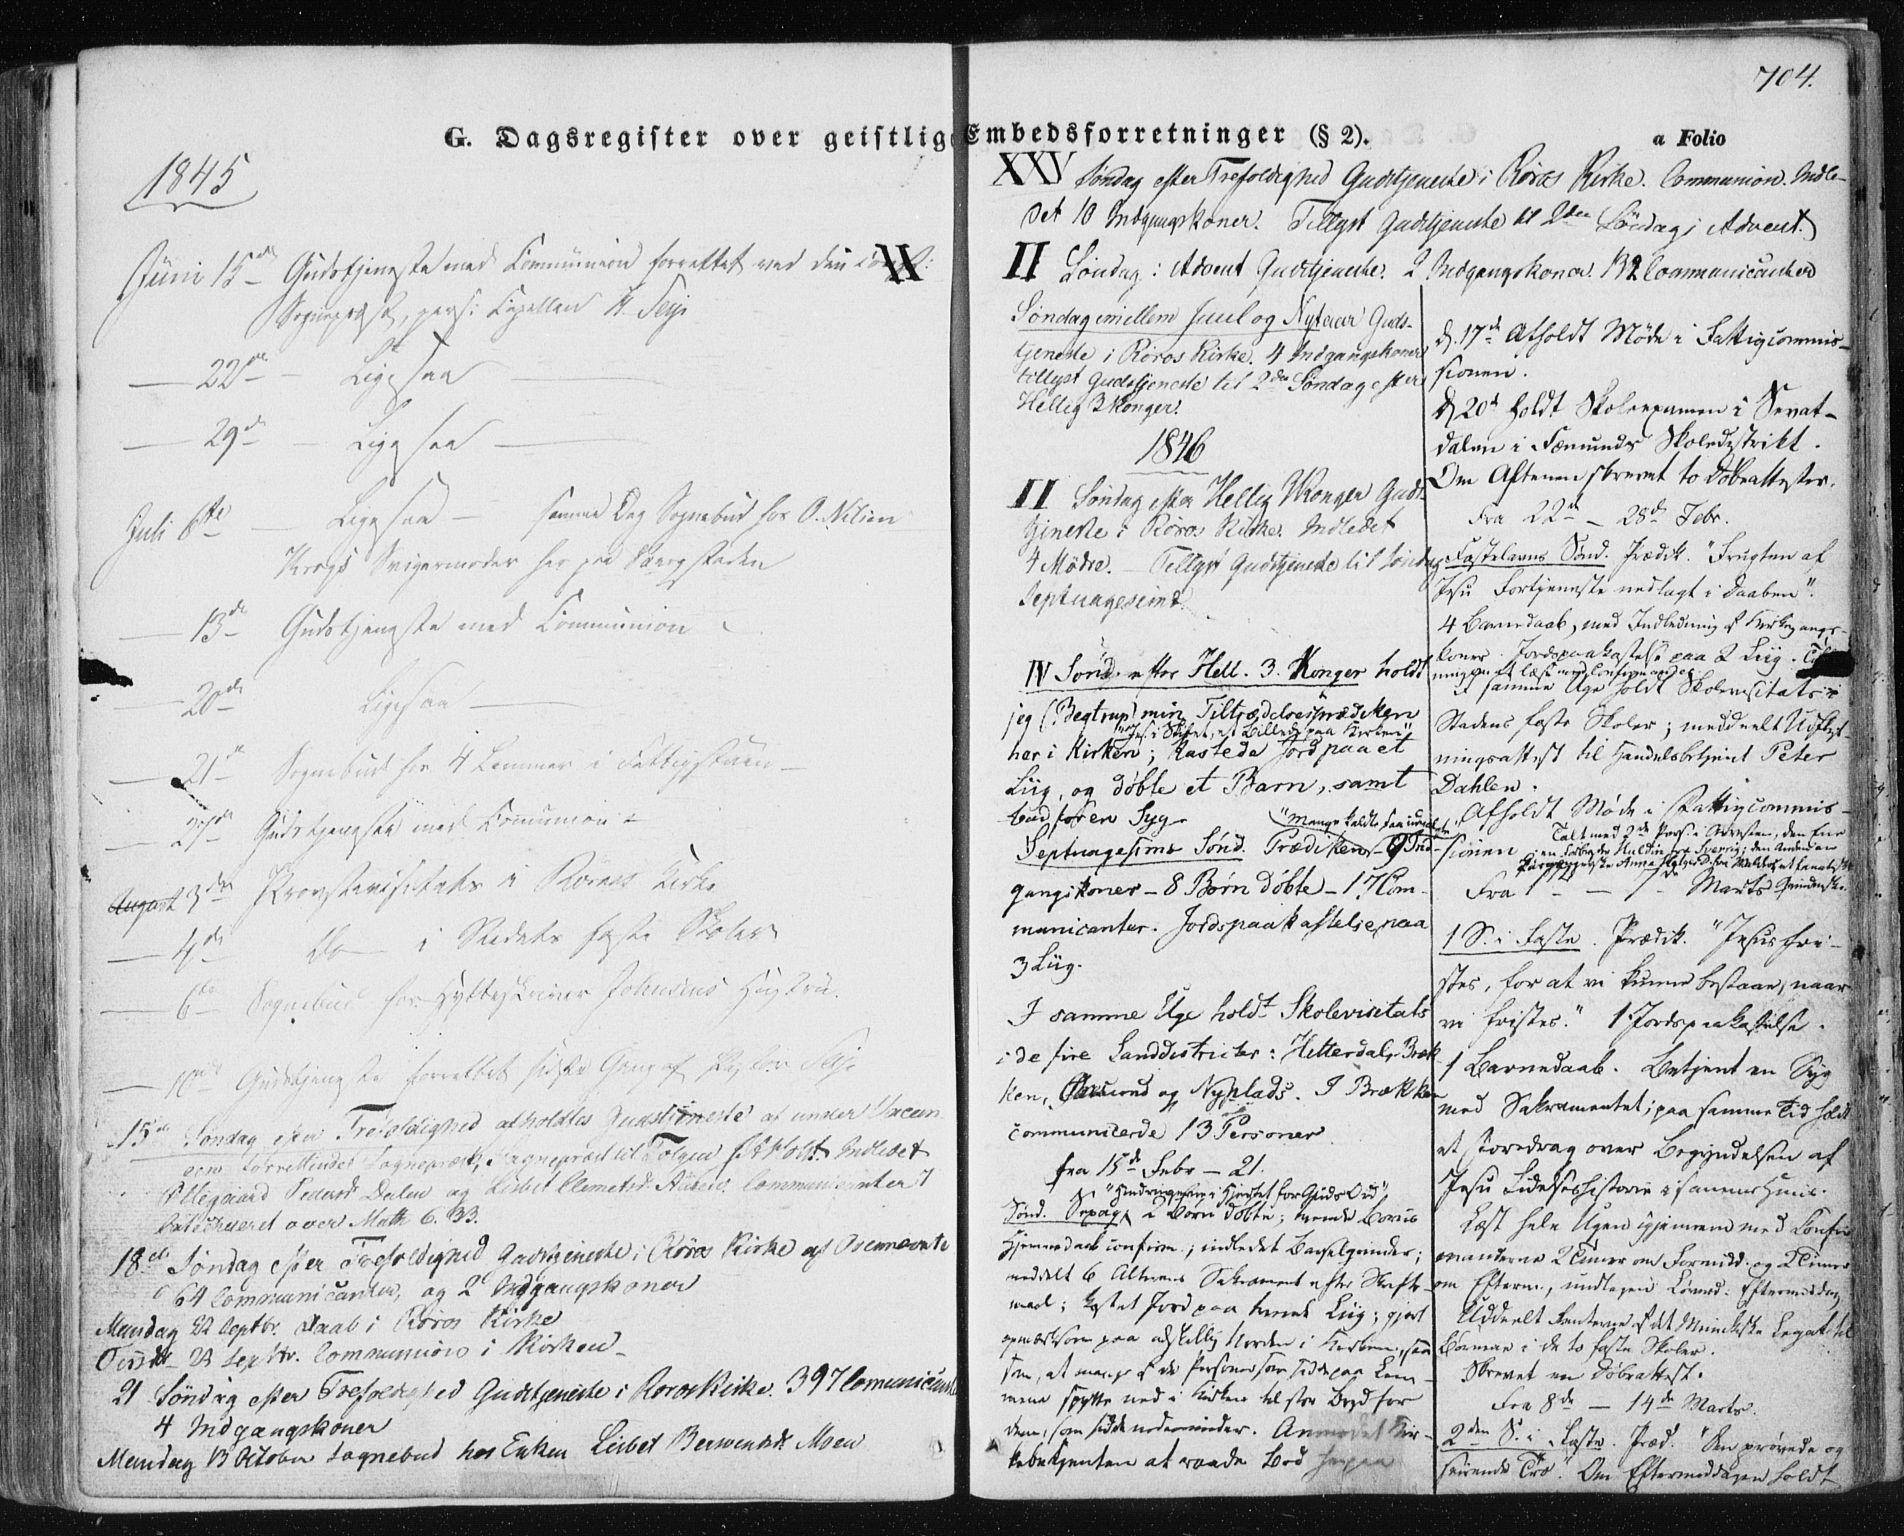 SAT, Ministerialprotokoller, klokkerbøker og fødselsregistre - Sør-Trøndelag, 681/L0931: Ministerialbok nr. 681A09, 1845-1859, s. 704